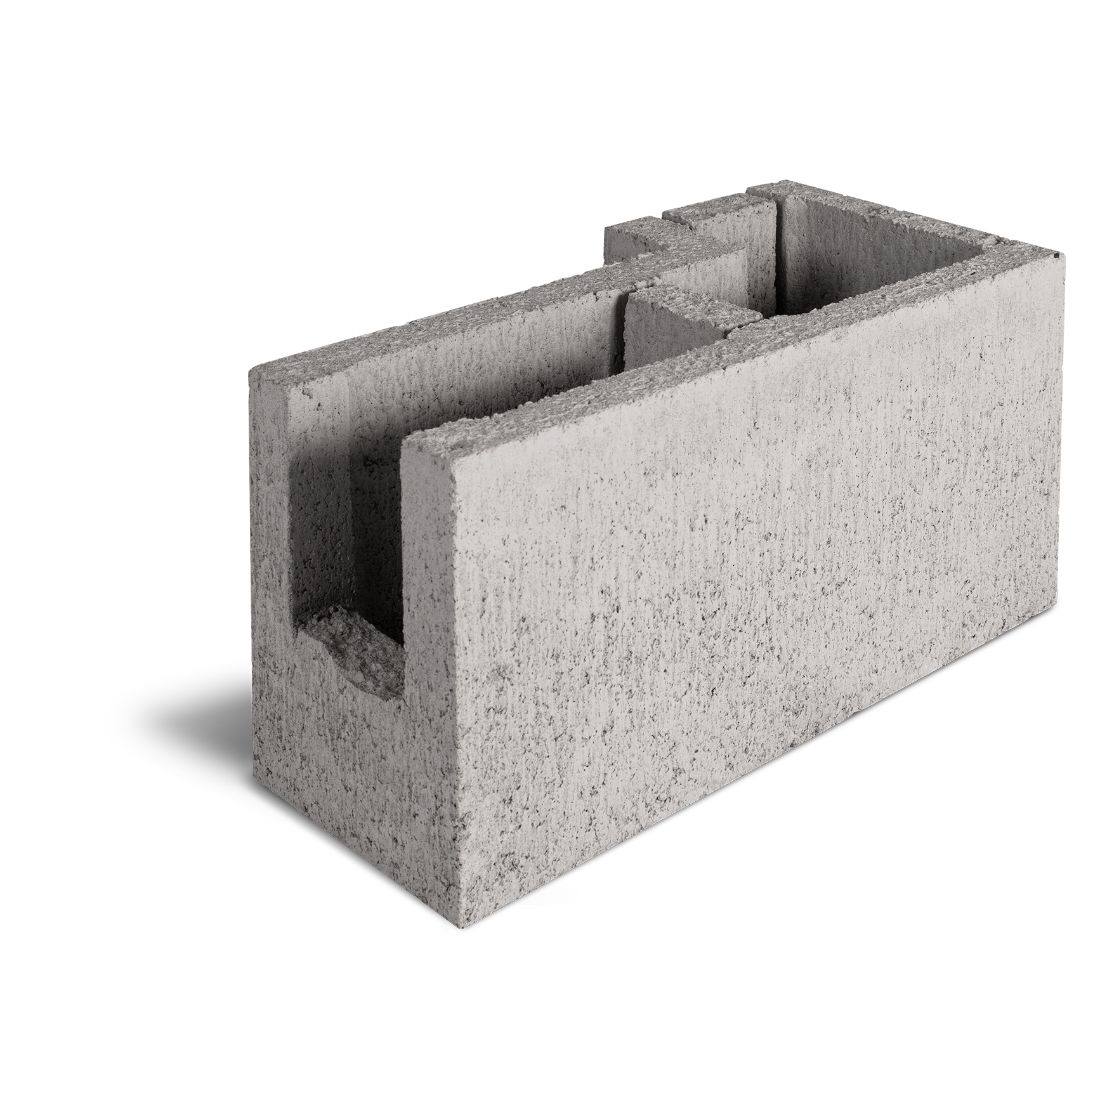 15.15L Corner L Bond Beam Block 390 x 190 x 190mm